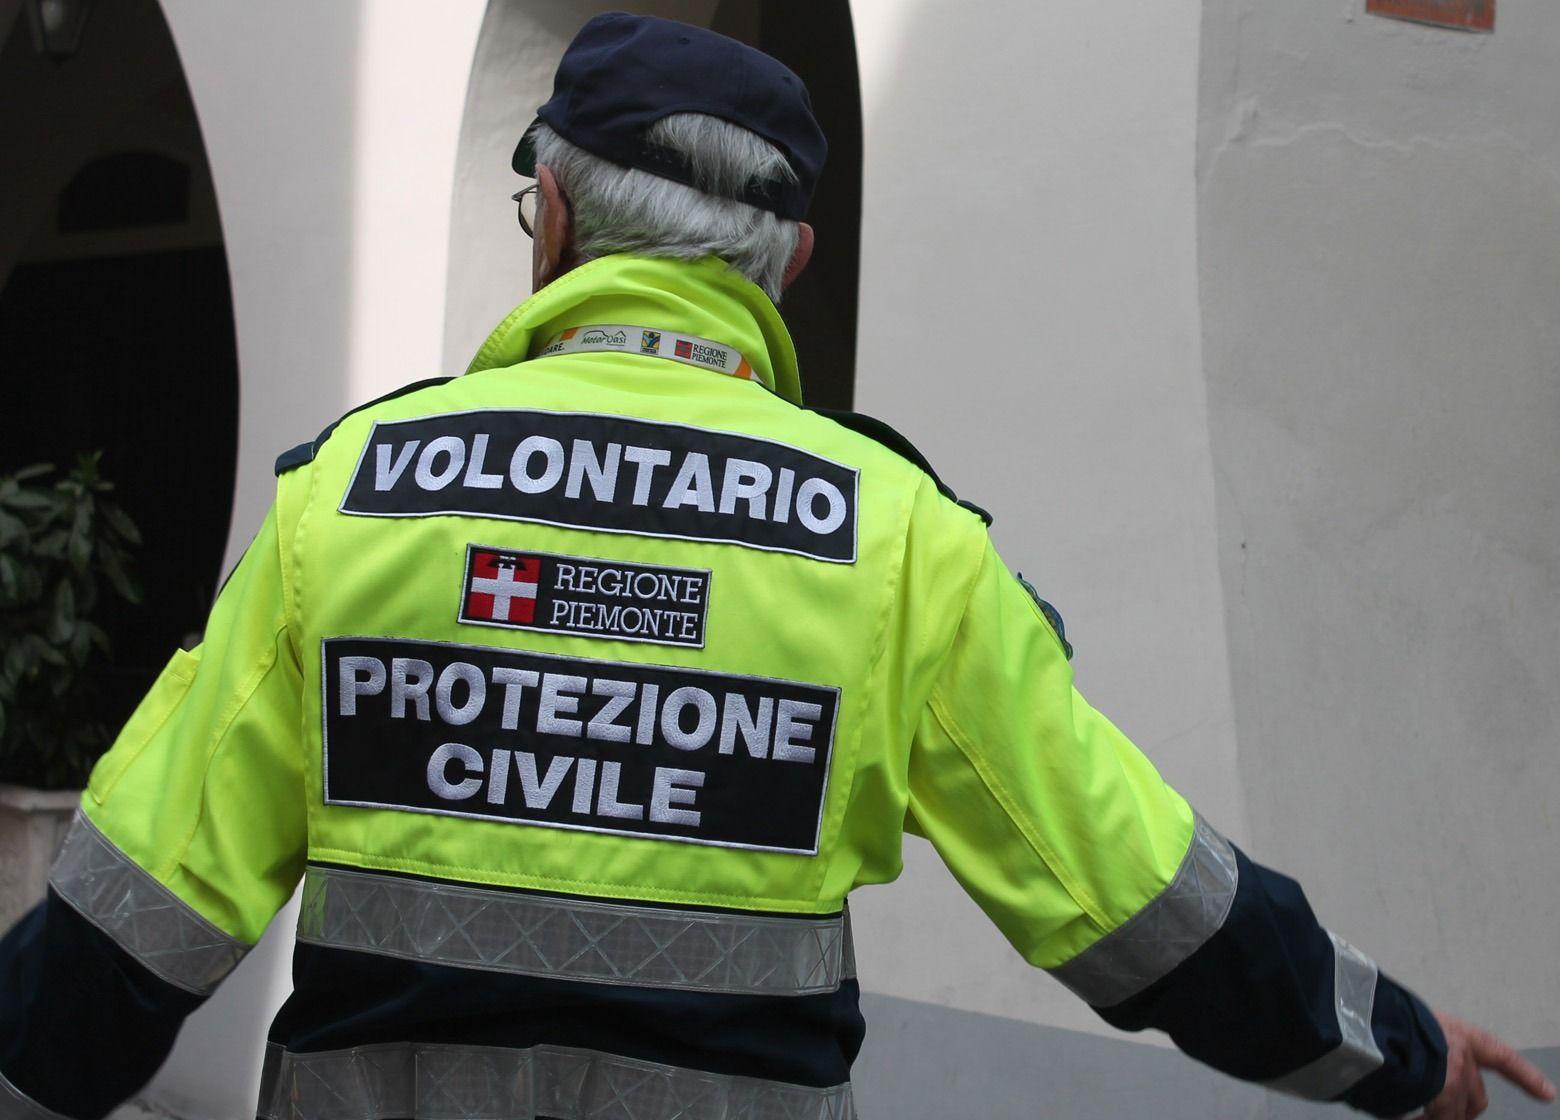 LOMBARDORE - Gazzarra alla festa della salsiccia: sospeso il Gruppo Comunale di Protezione Civile